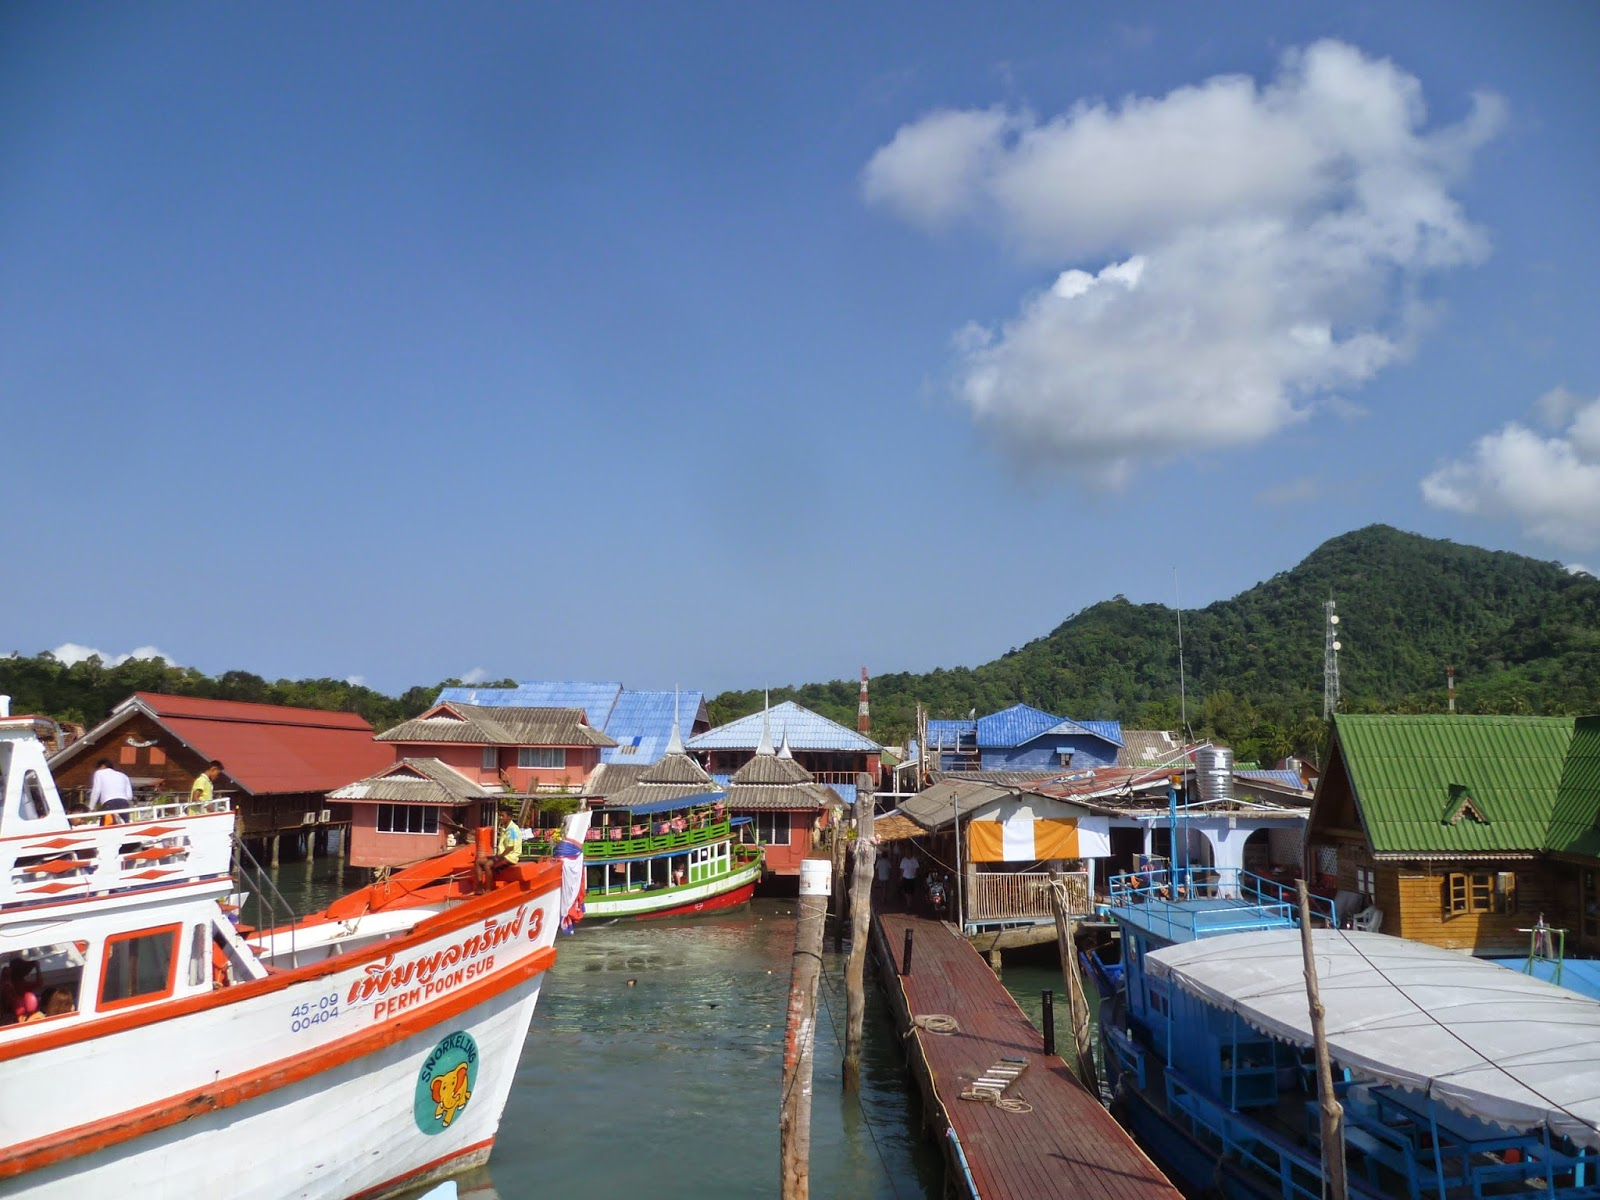 T h a i T h a i: Bang Bao Pier